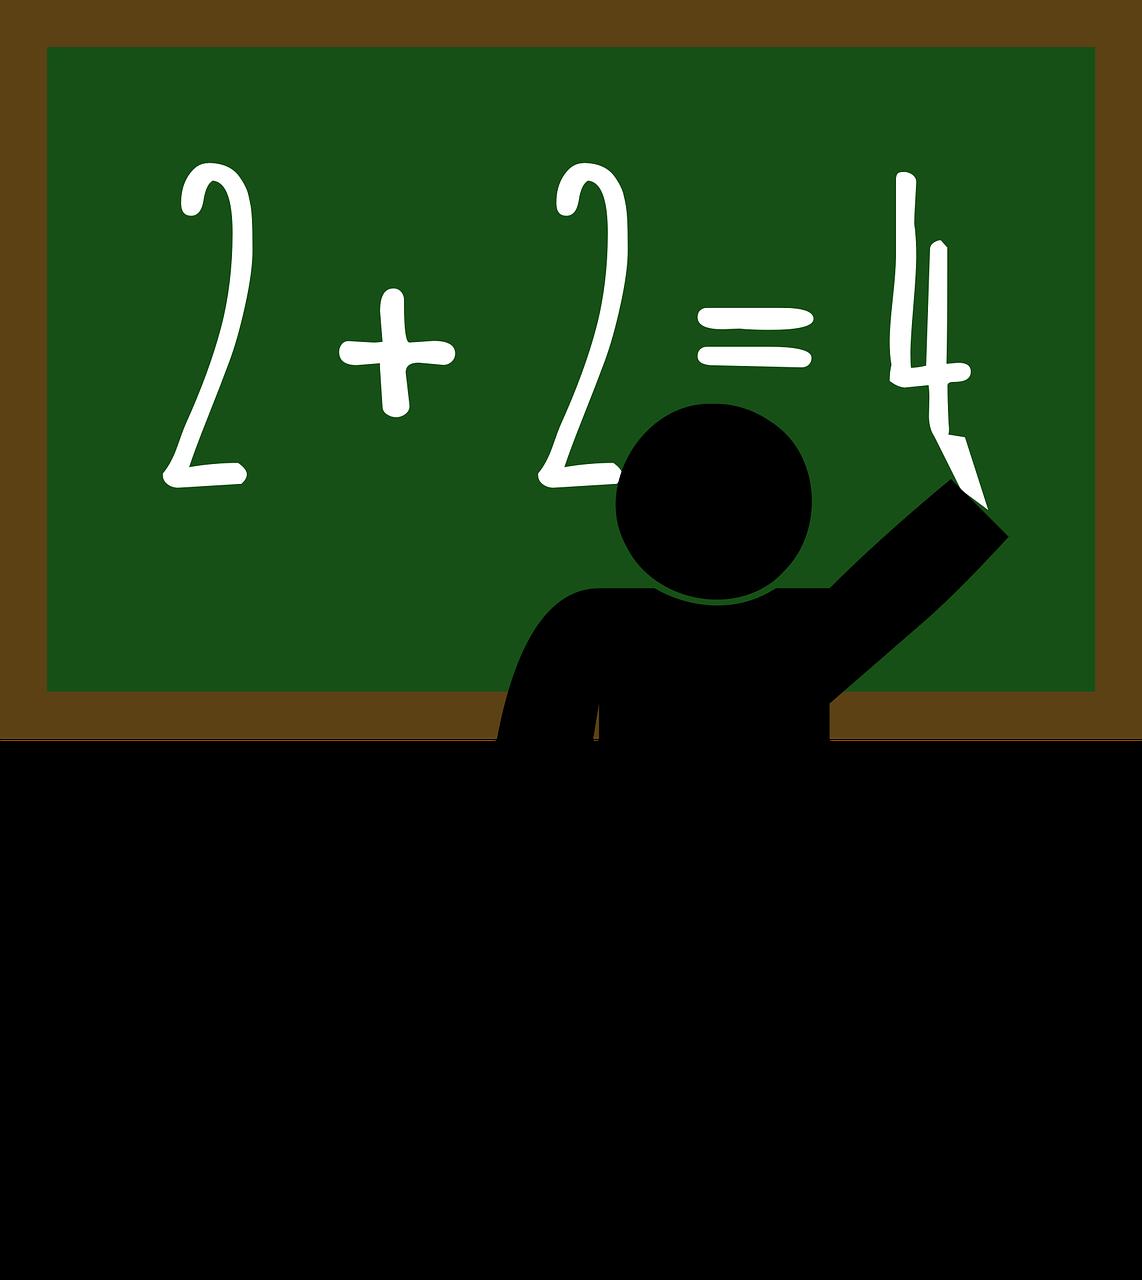 math-teacher-2004081_1280